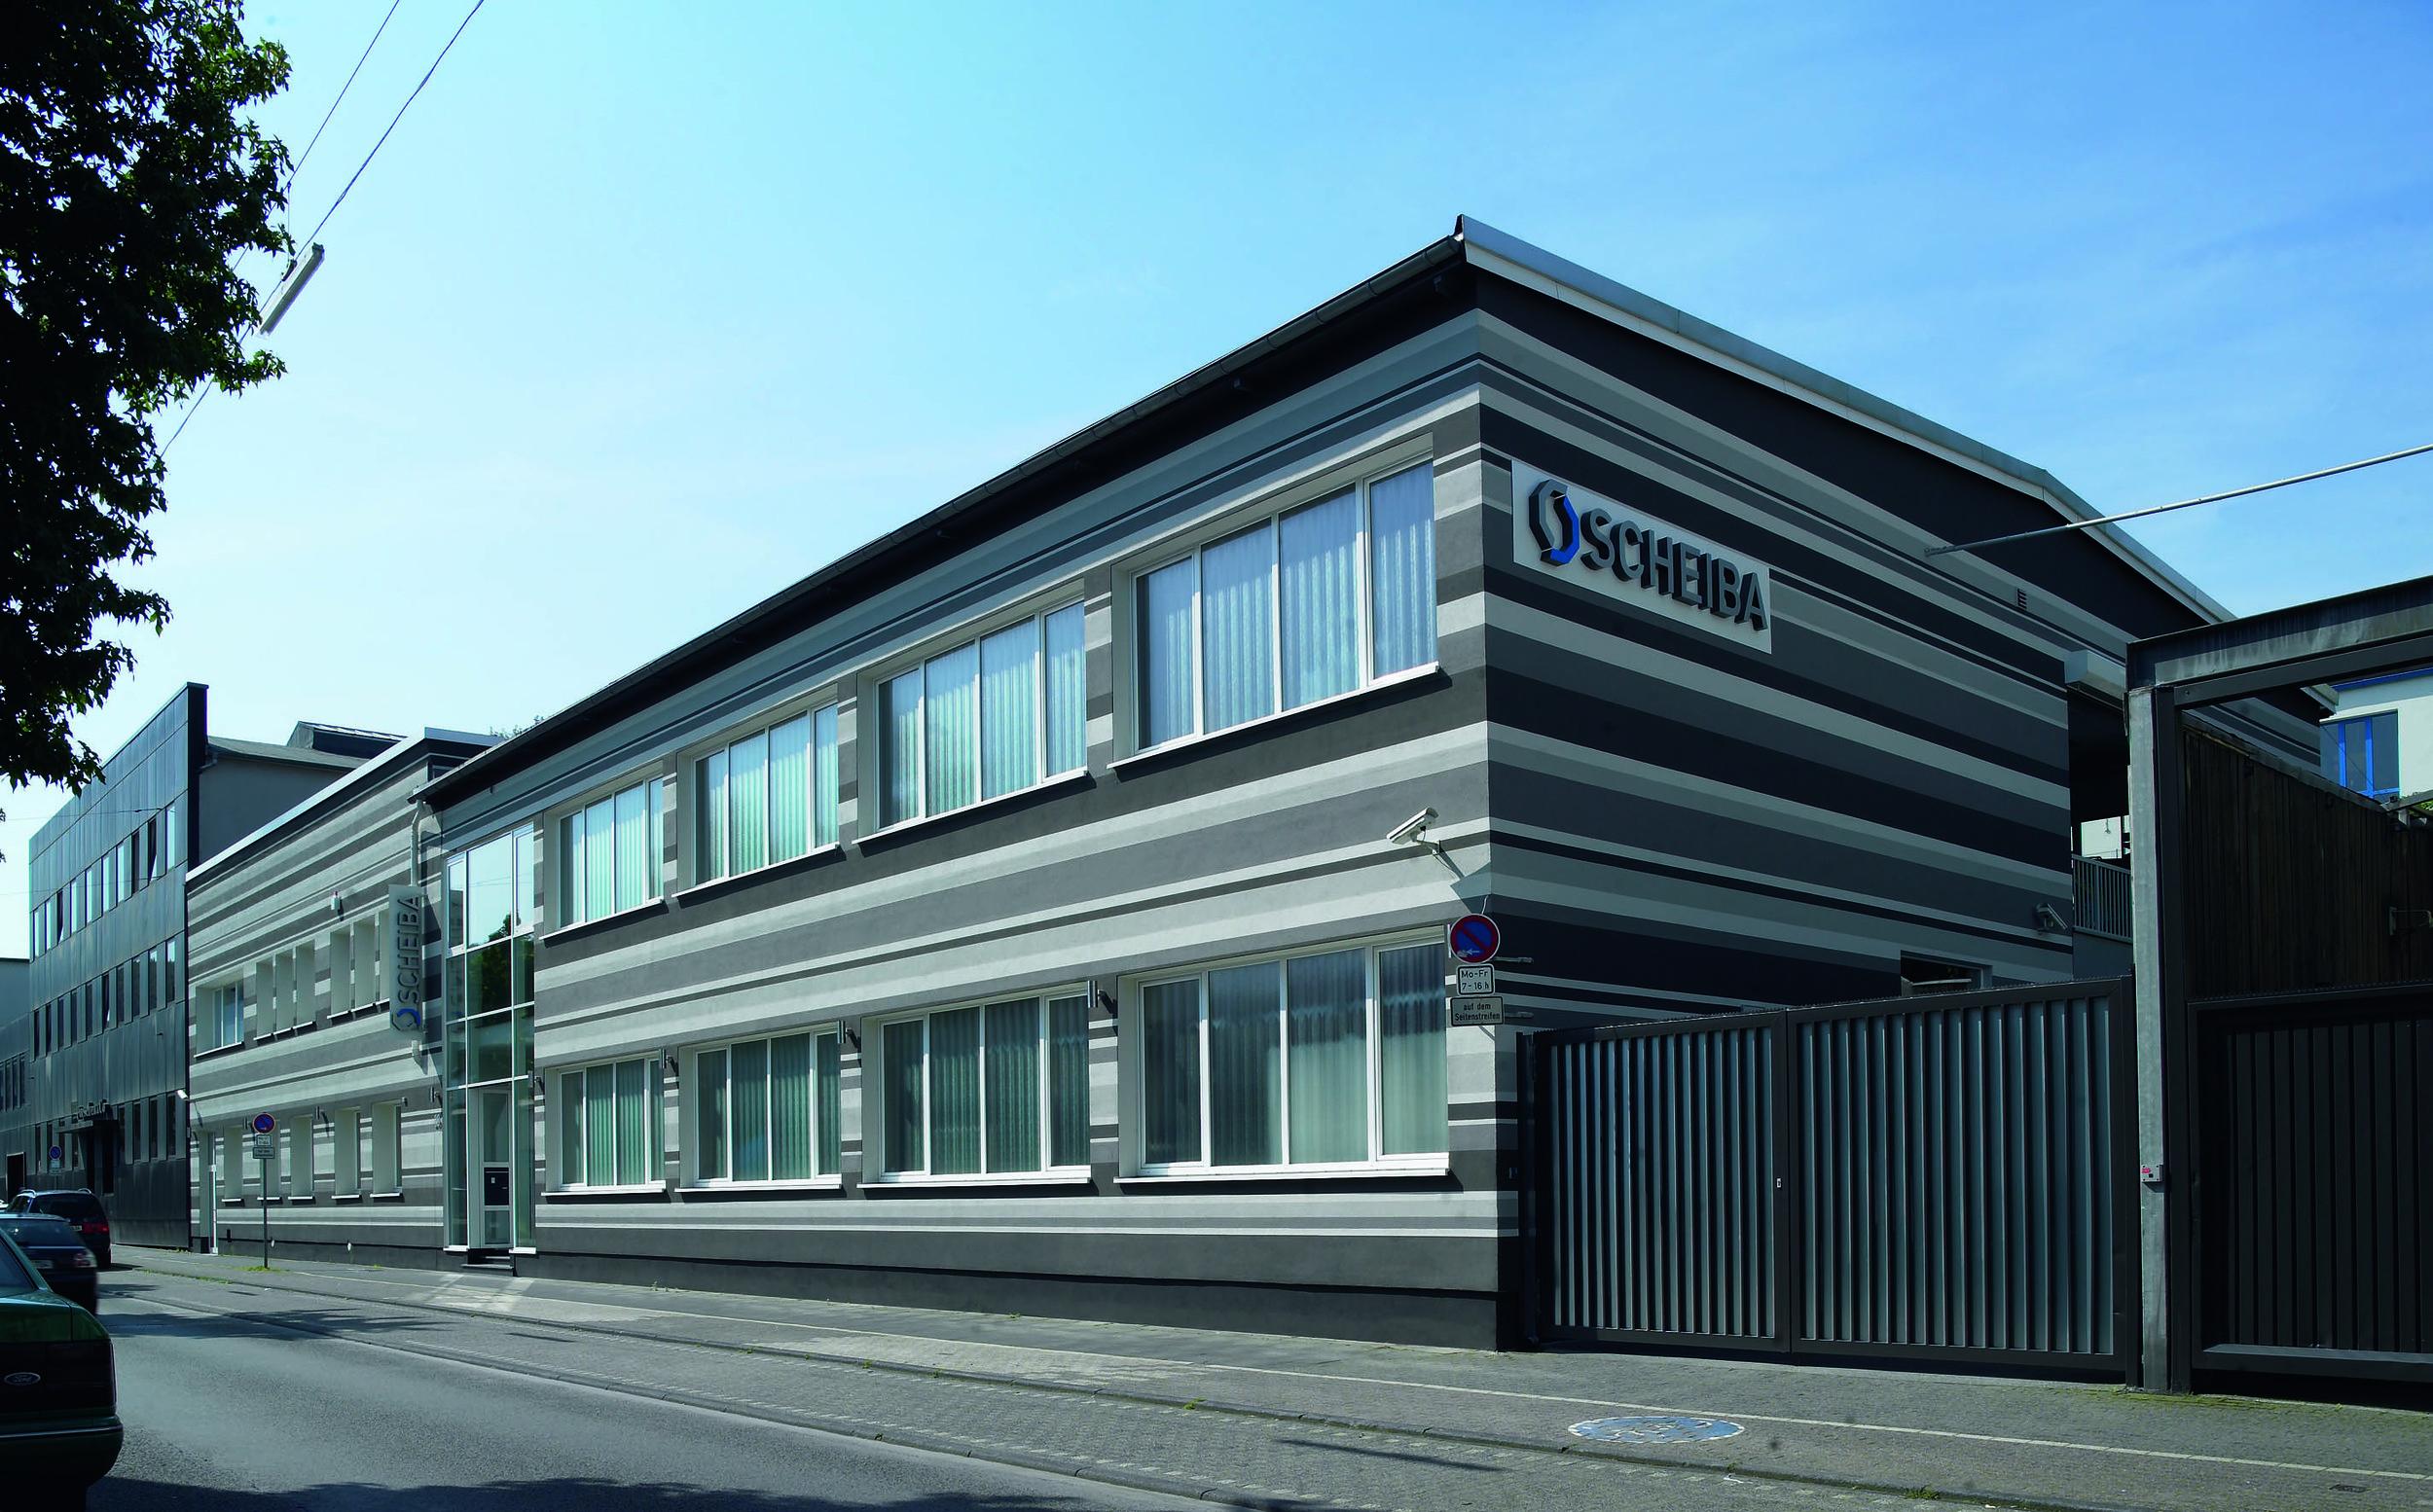 BX_Wuppertal-Bockmuehle-01.jpg